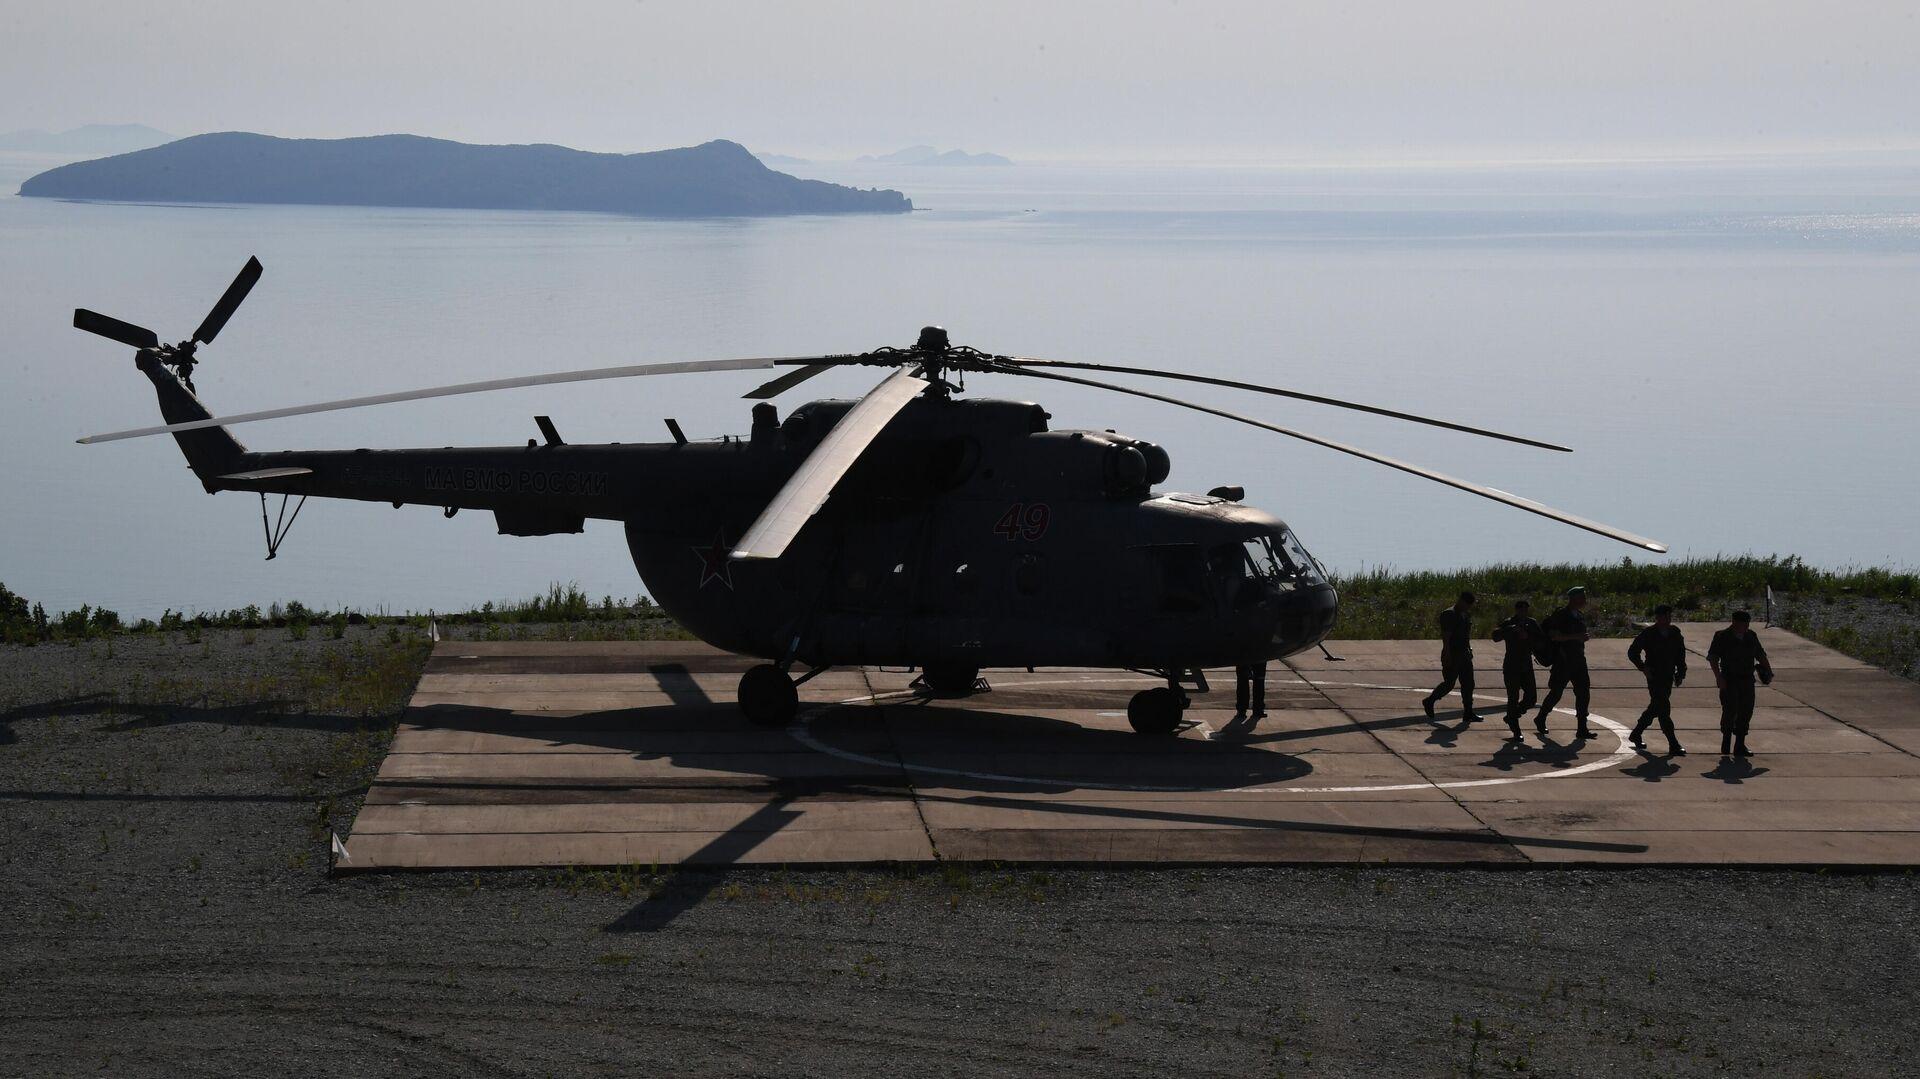 Минздрав: официальных данных о погибших при крушении Ми-8 нет